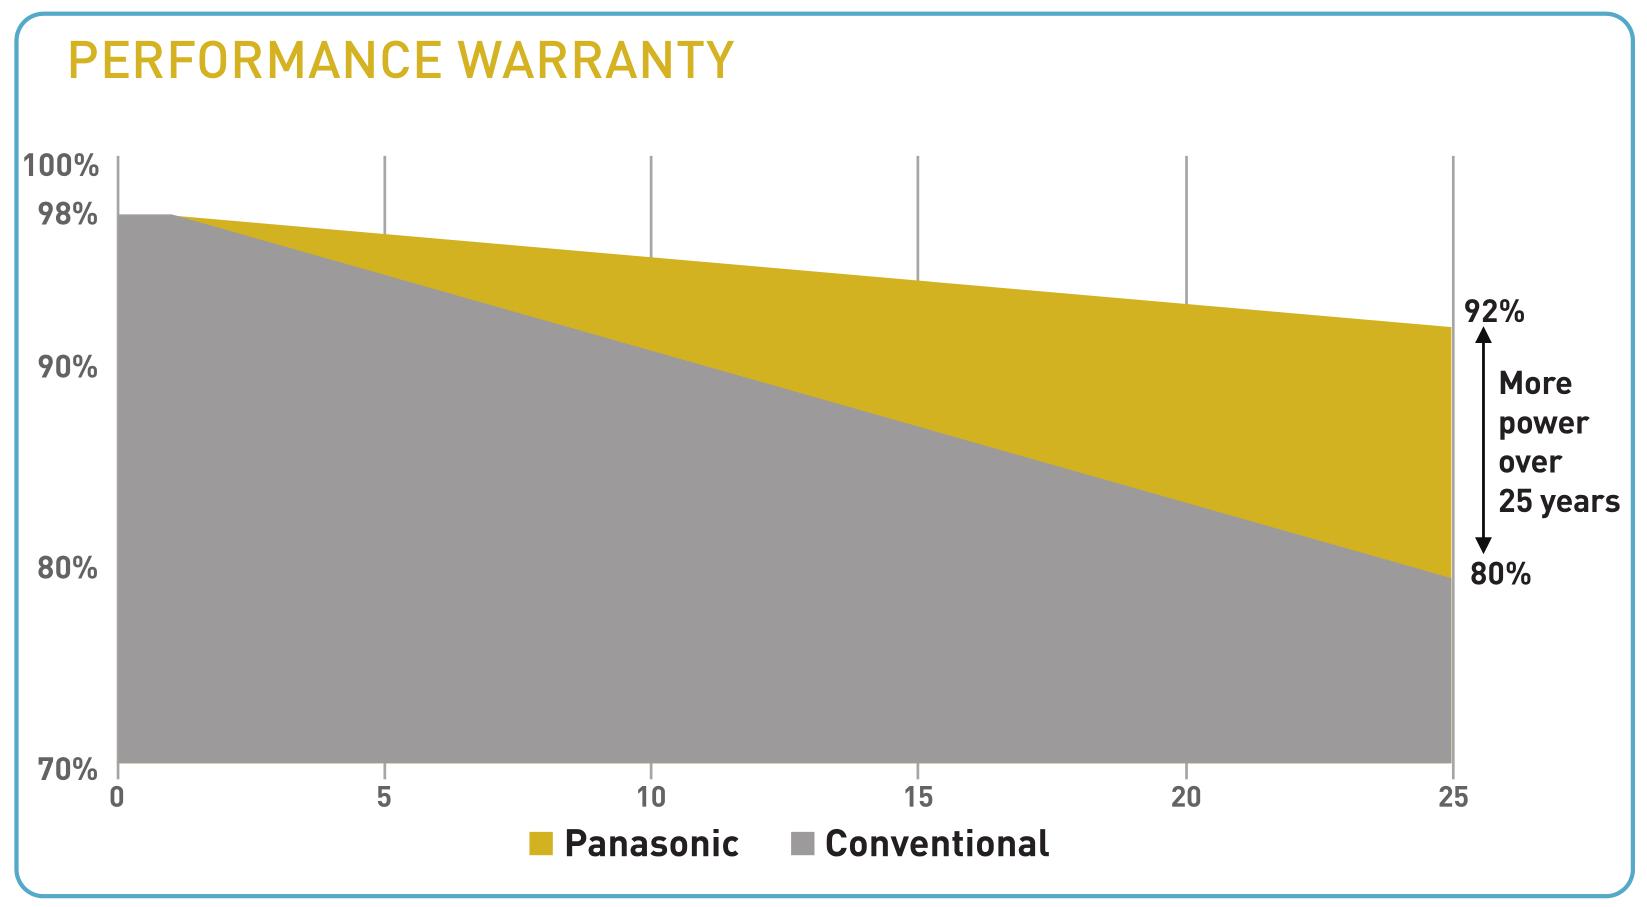 Panasonic Performance Warranty 370 W 360 W